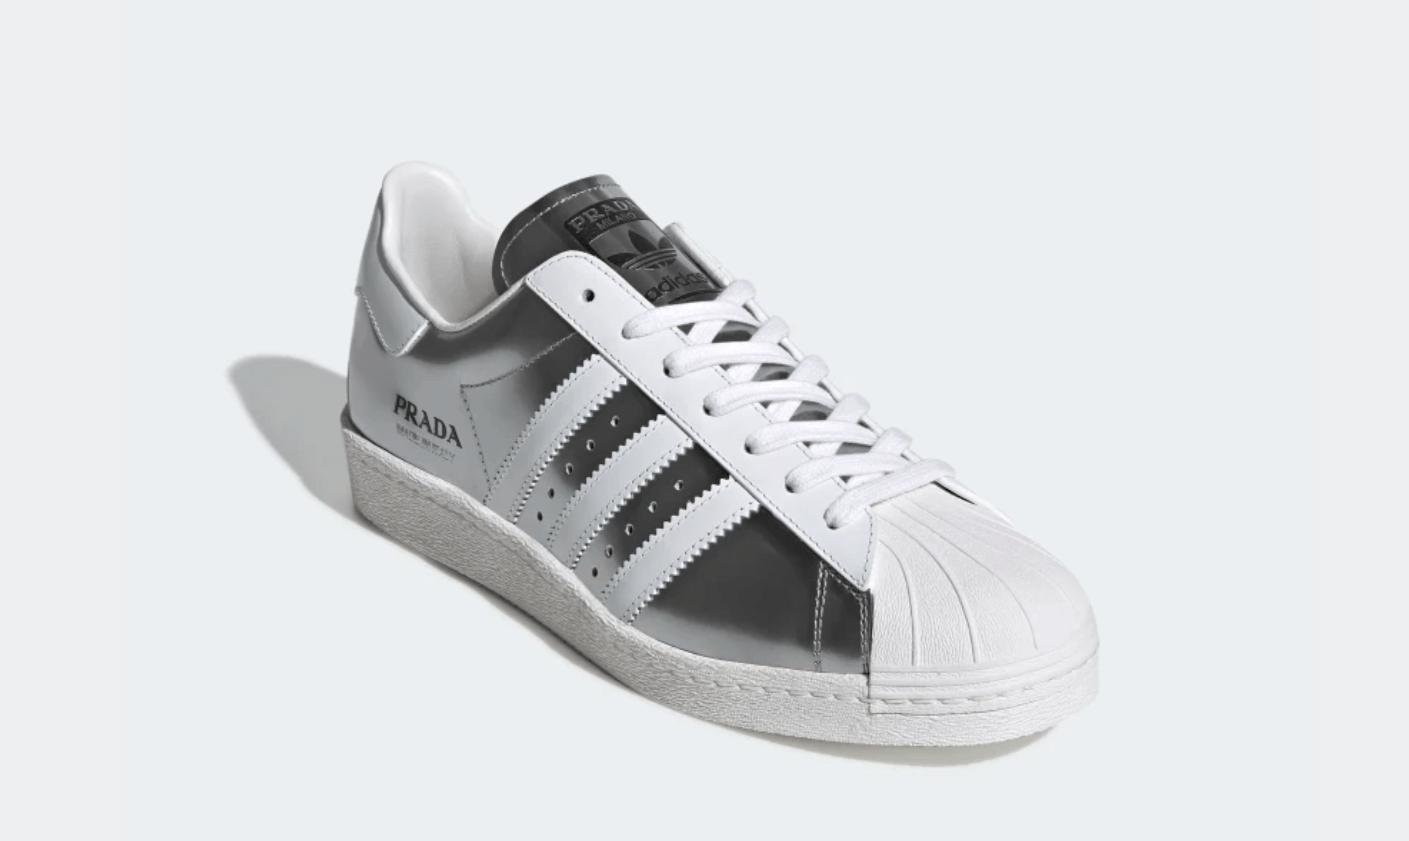 Ánimo Fraseología desbloquear  🥇 Adidas Superstar PRADA ++ 3 NUEVOS COLORES++| zapatillasysneakers.com